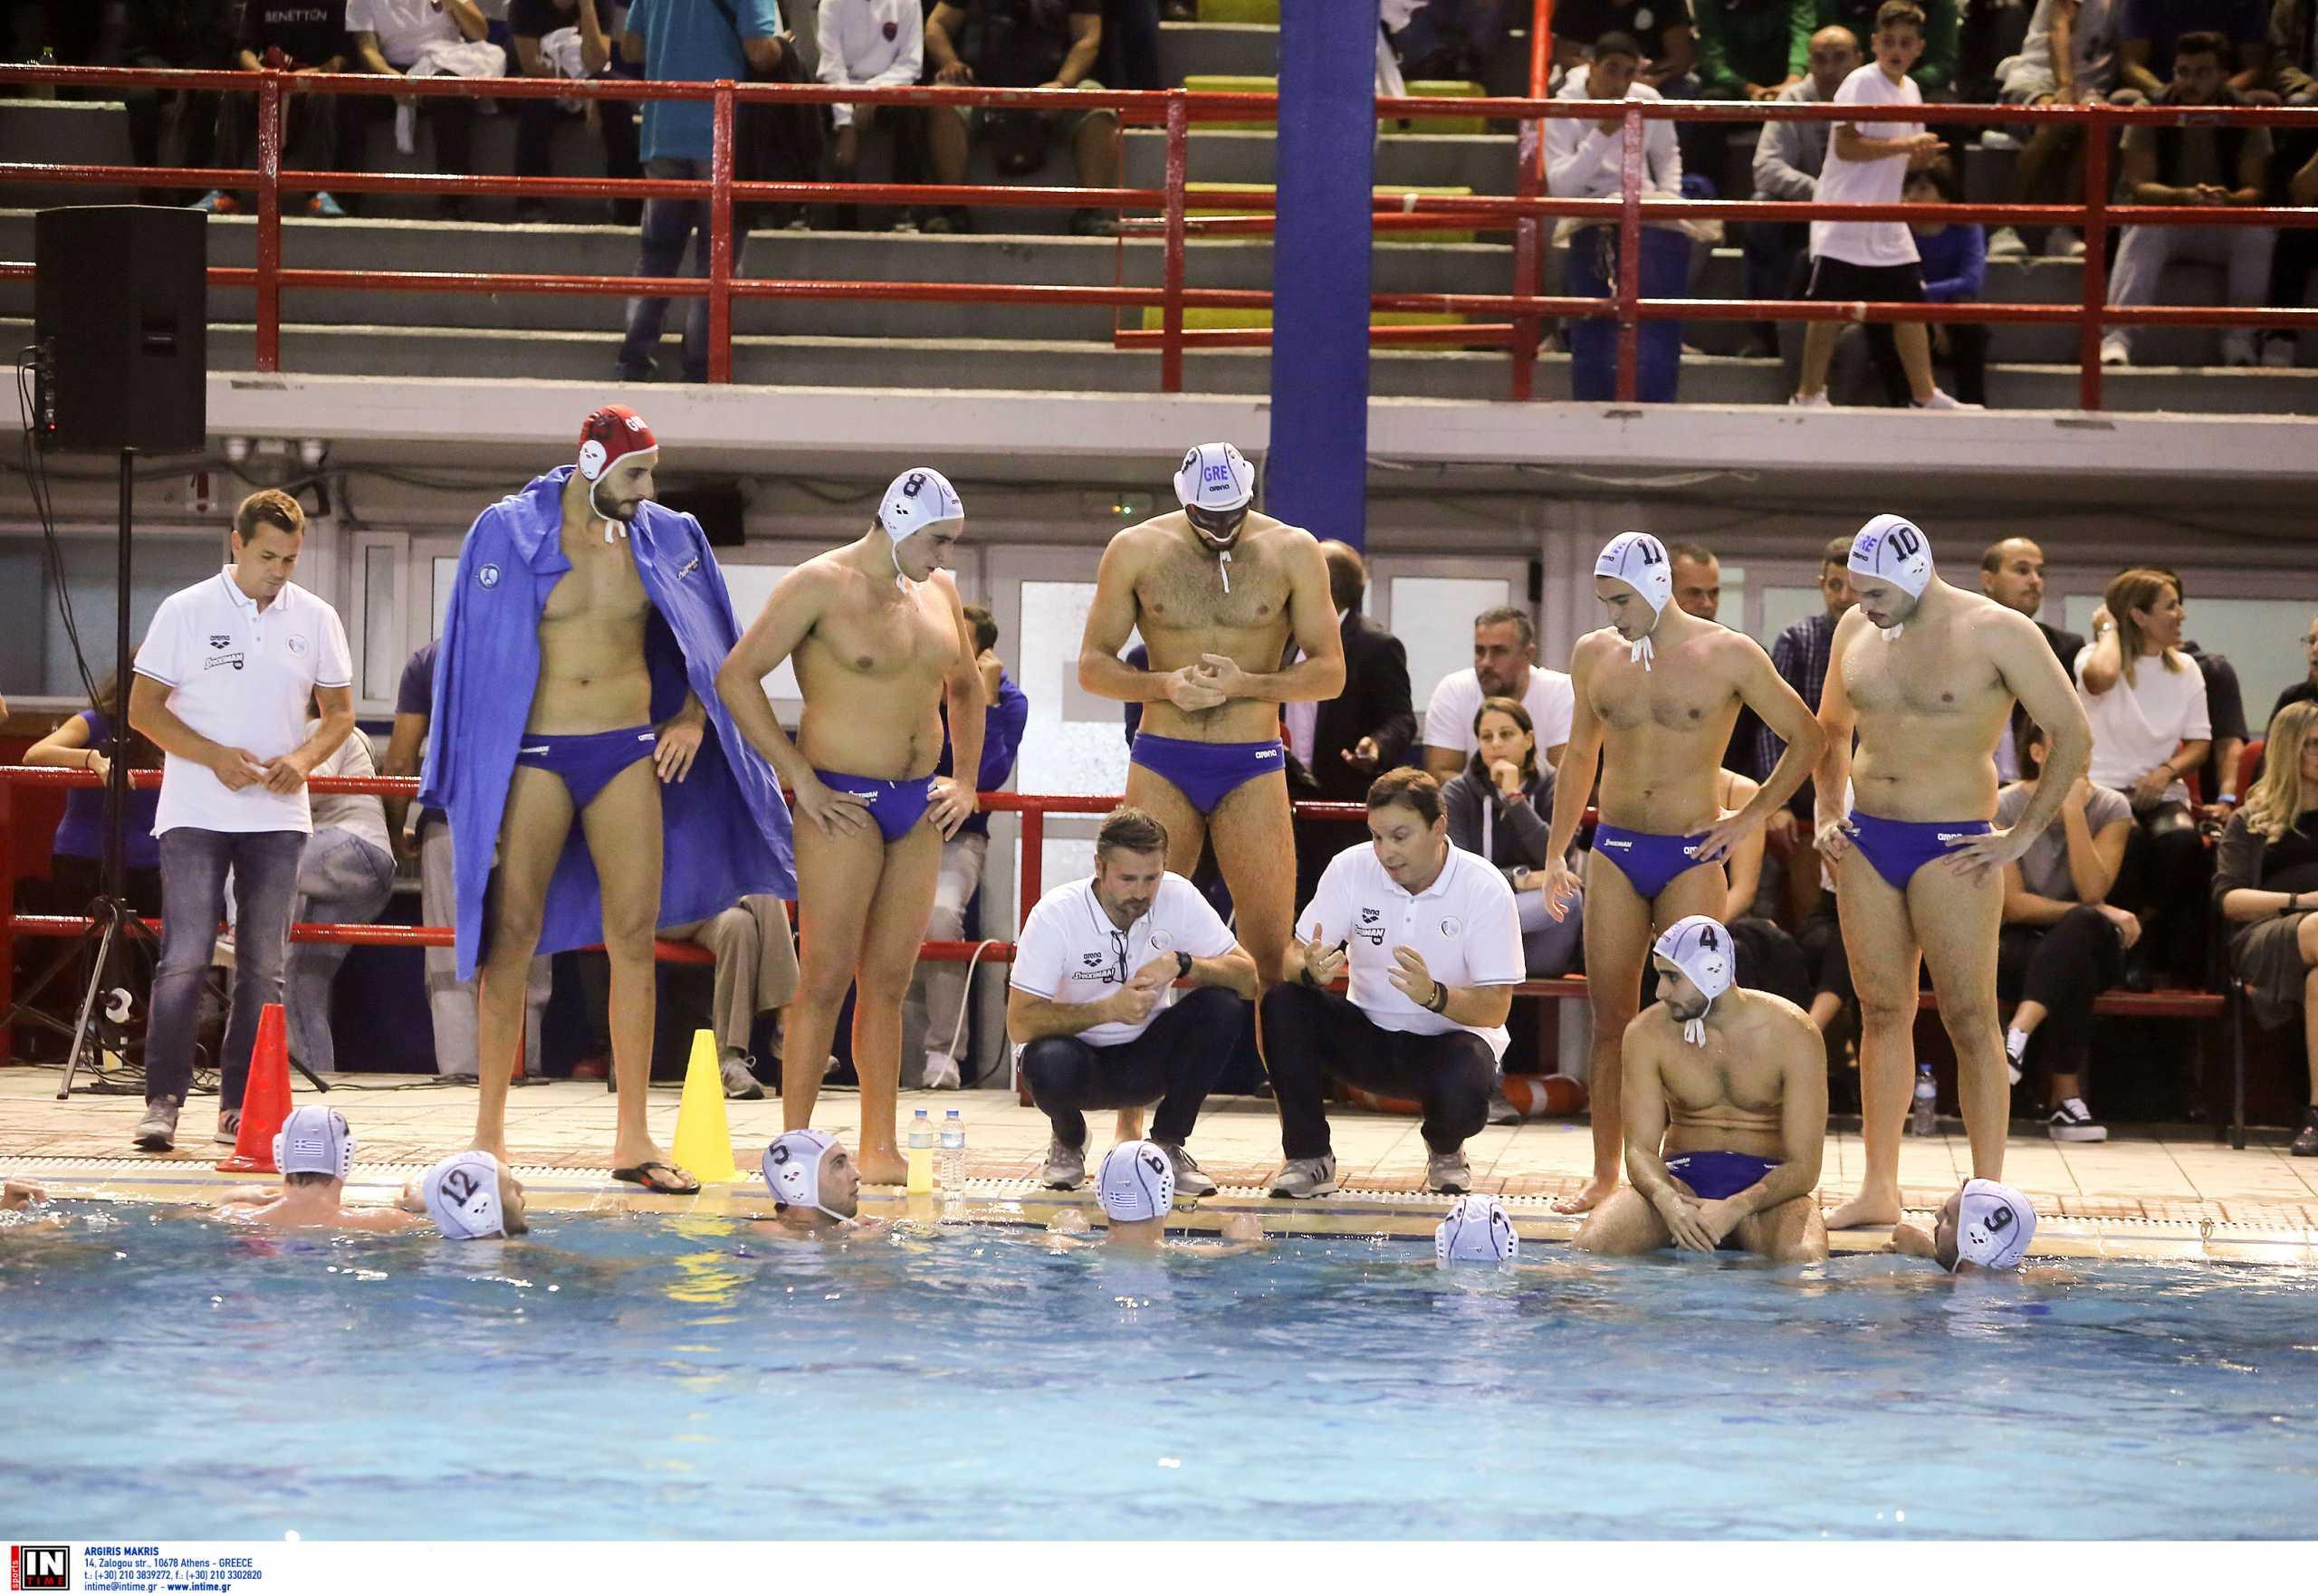 Ελλάδα – Γαλλία: «Ζωντανή» η Εθνική για τους Ολυμπιακούς Αγώνες μετά από «θρίλερ»